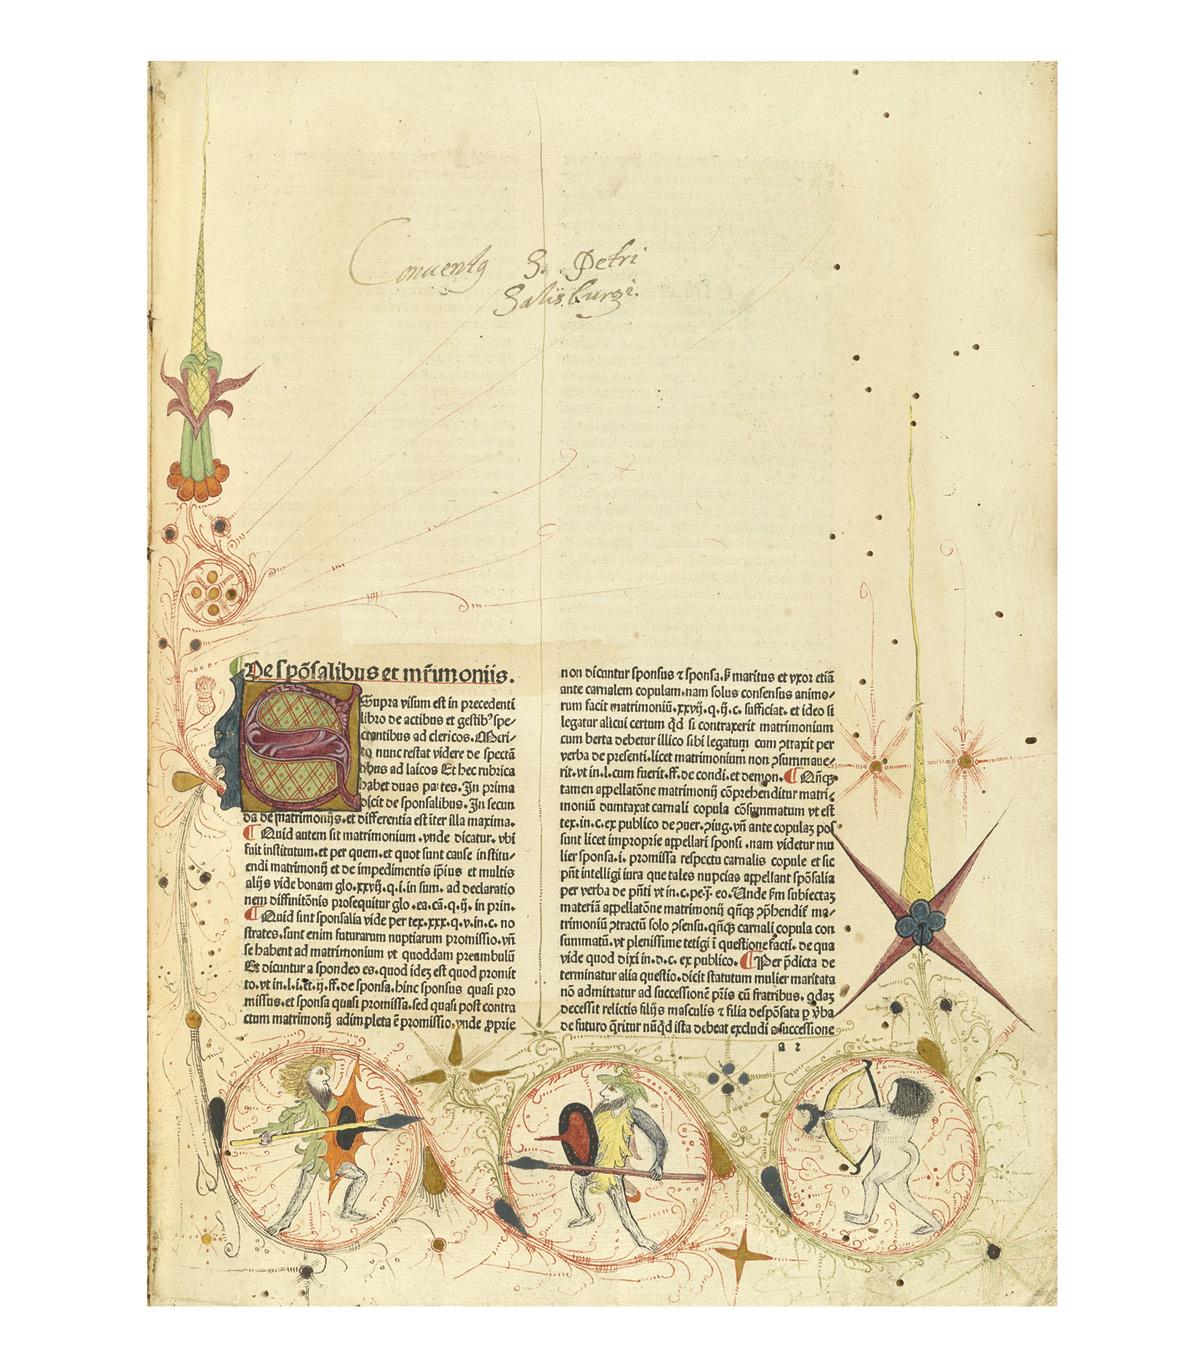 INCUNABULA  PANORMITANUS DE TUDESCHIS, NICOLAUS. Lectura super V libris Decretalium.  Part 6 (of 6), containing books 4 and 5.  1480-81